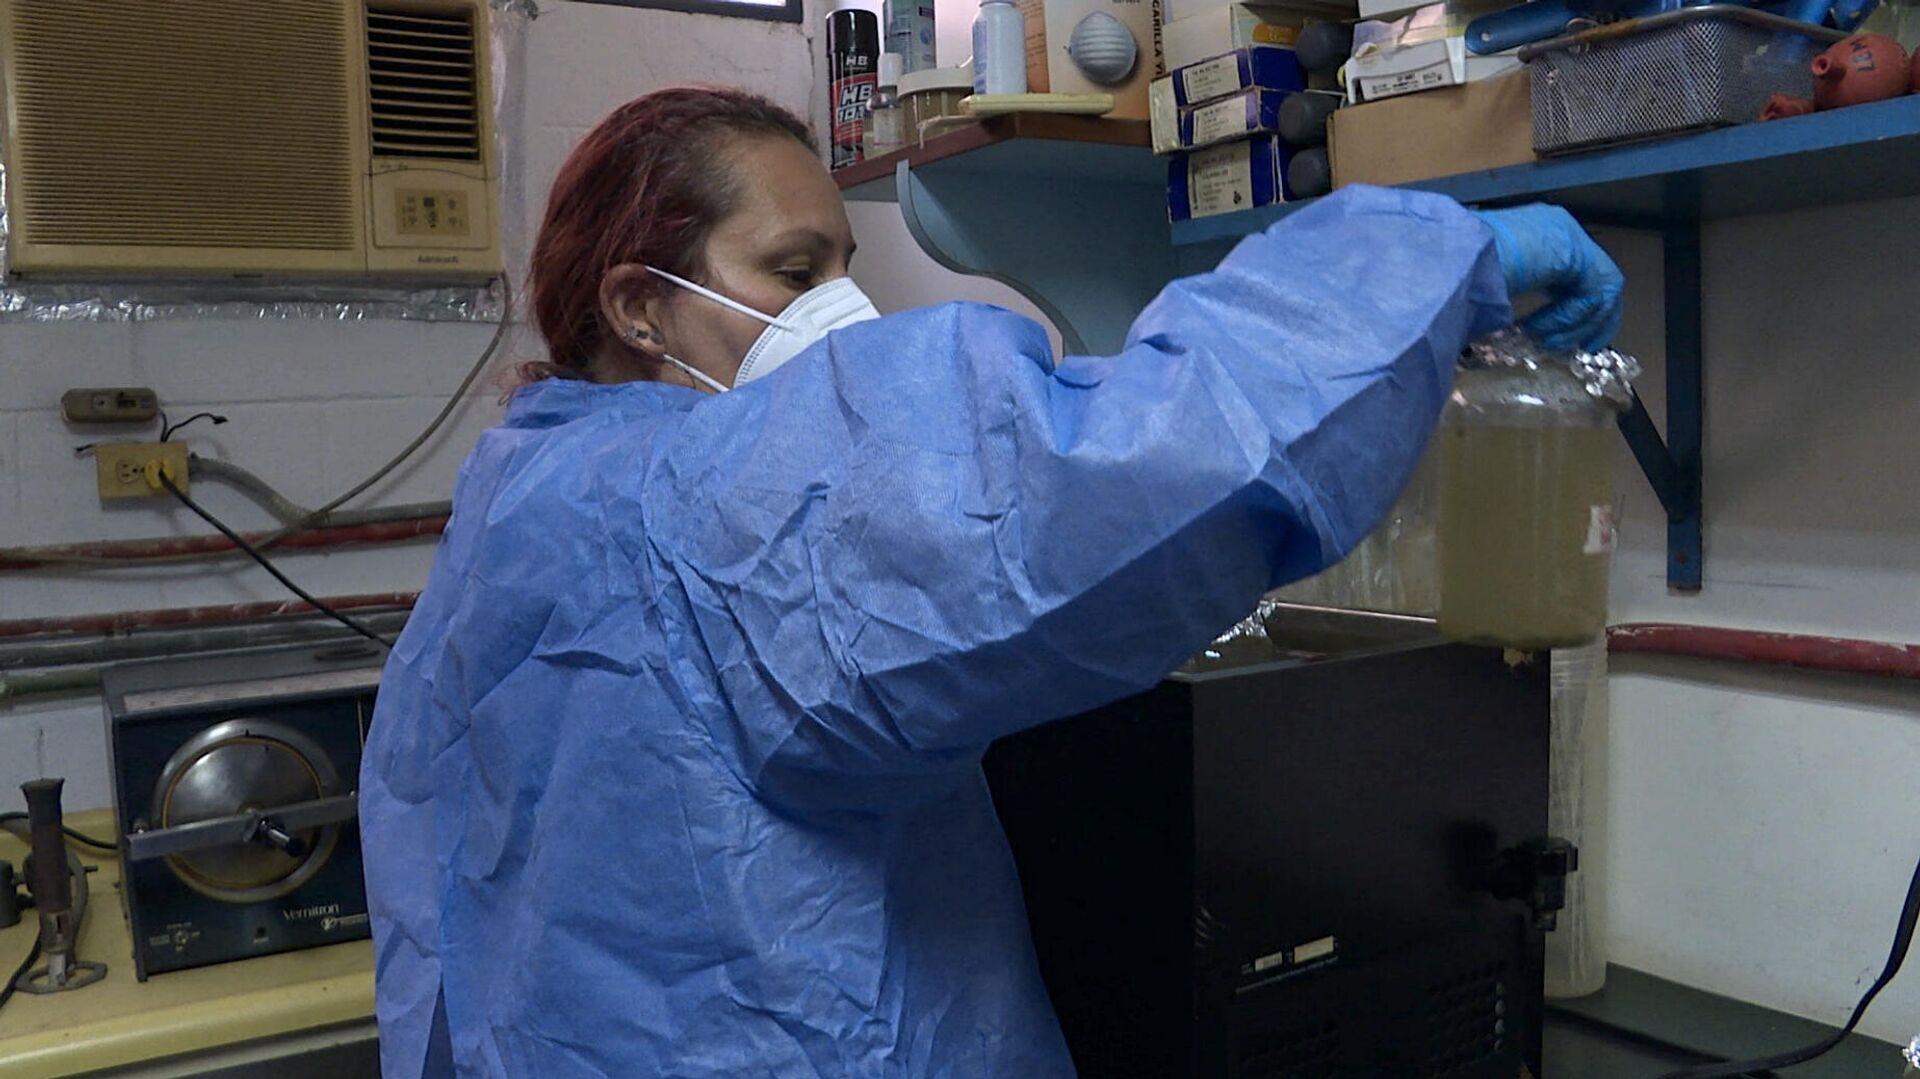 La investigadora venezolana Alejandra Zamora, durante el tratamiento de aguas residuales en un laboratorio de la UCV - Sputnik Mundo, 1920, 15.09.2021